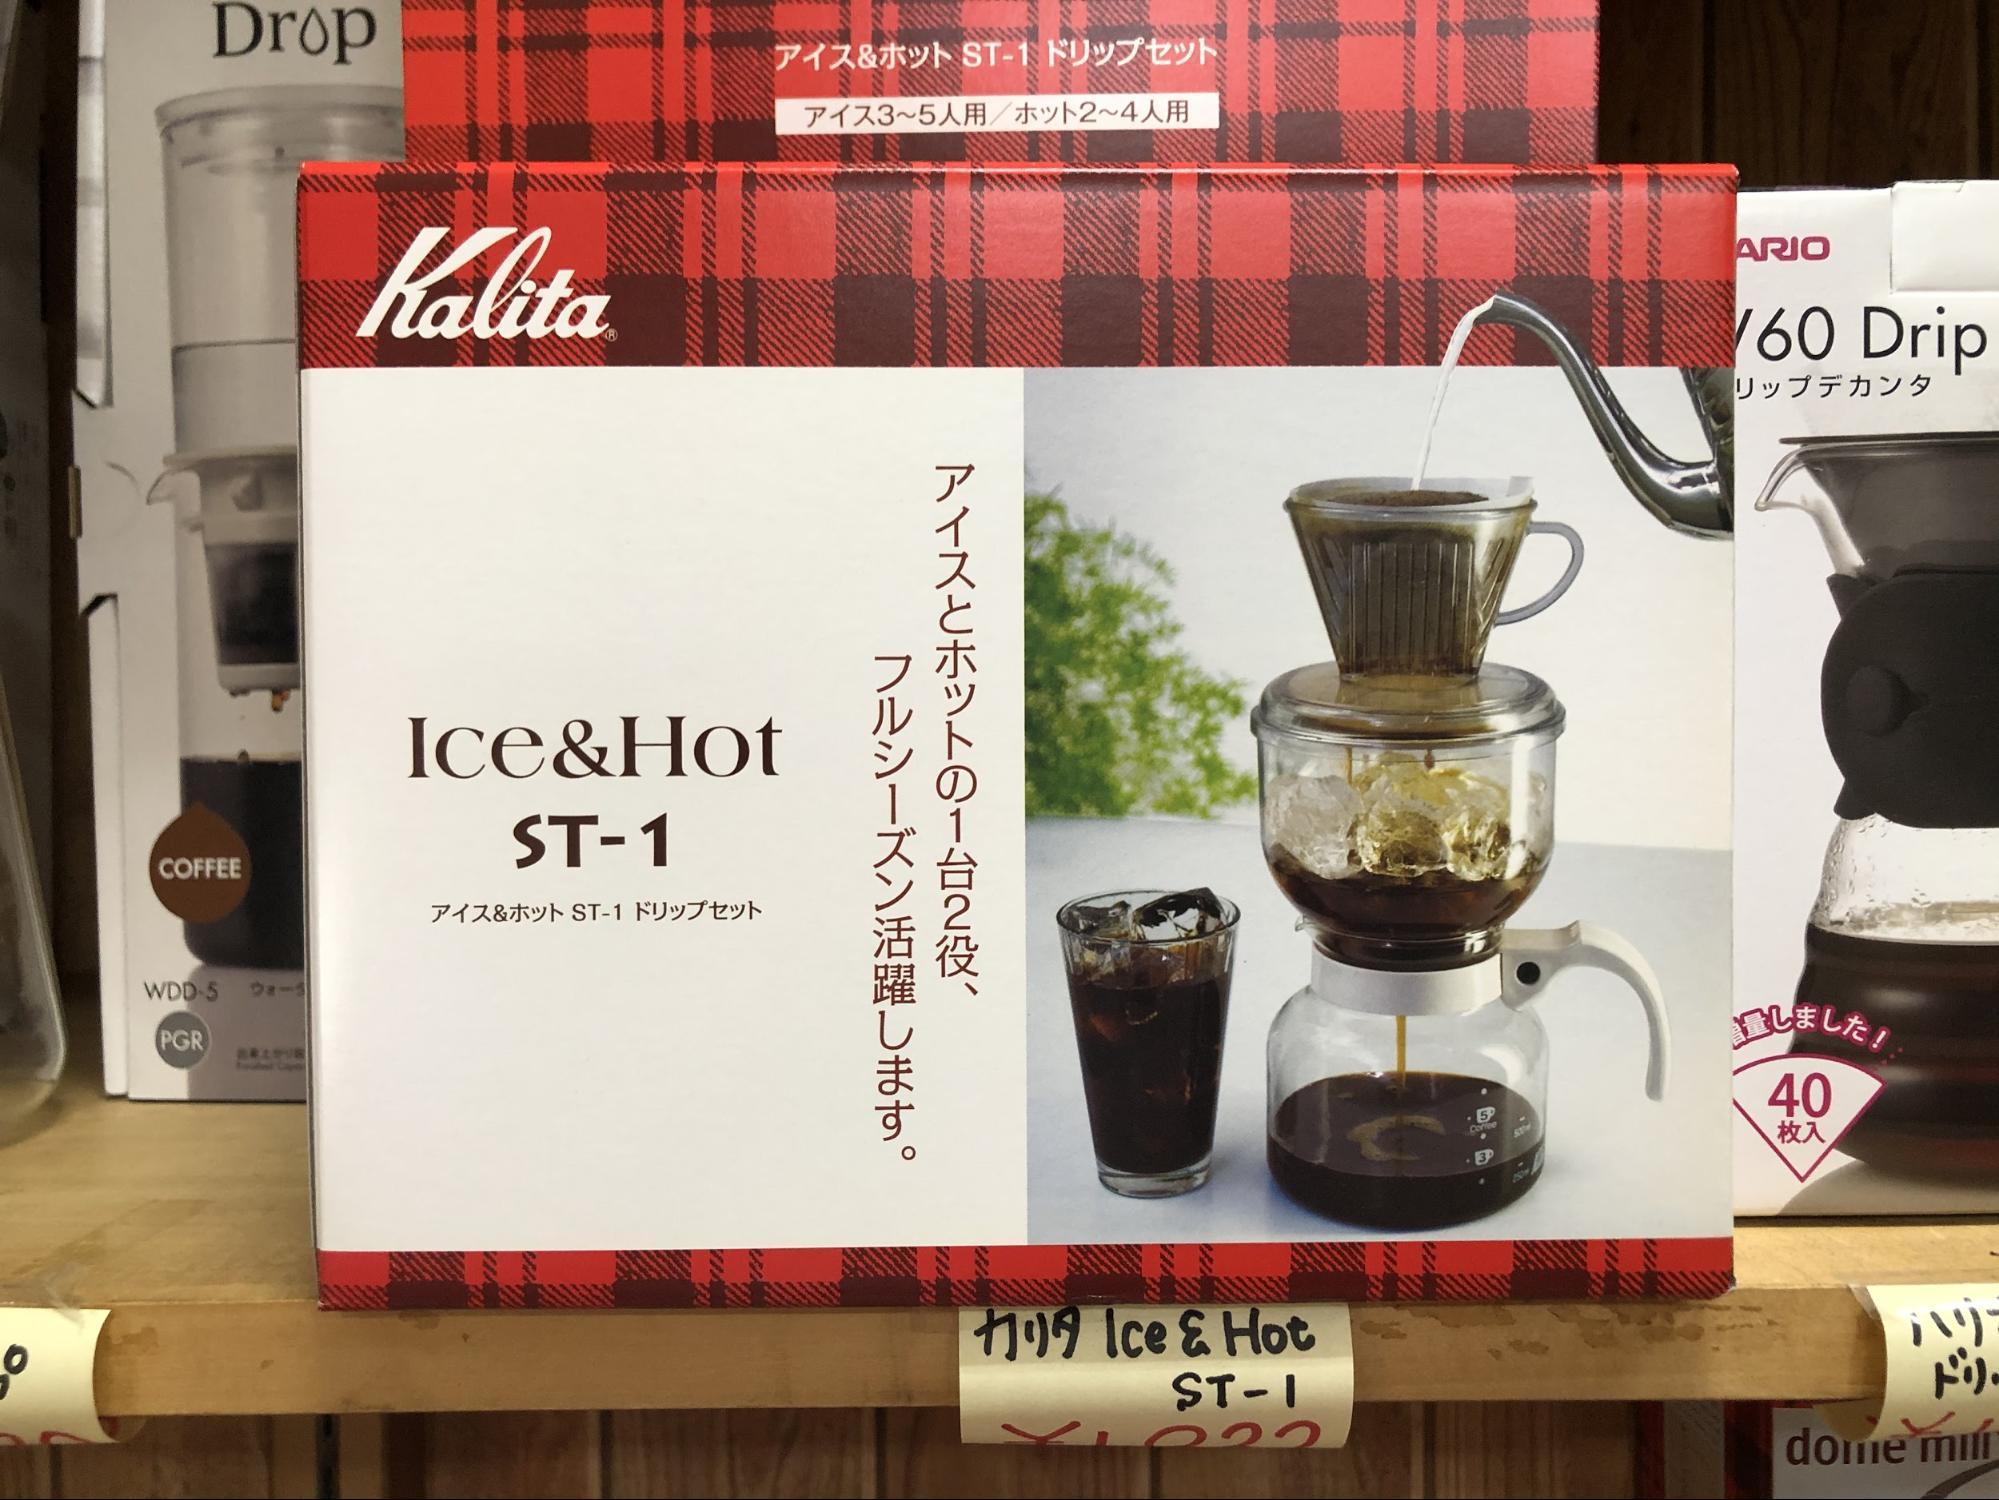 アイスコーヒー用のドリップセット